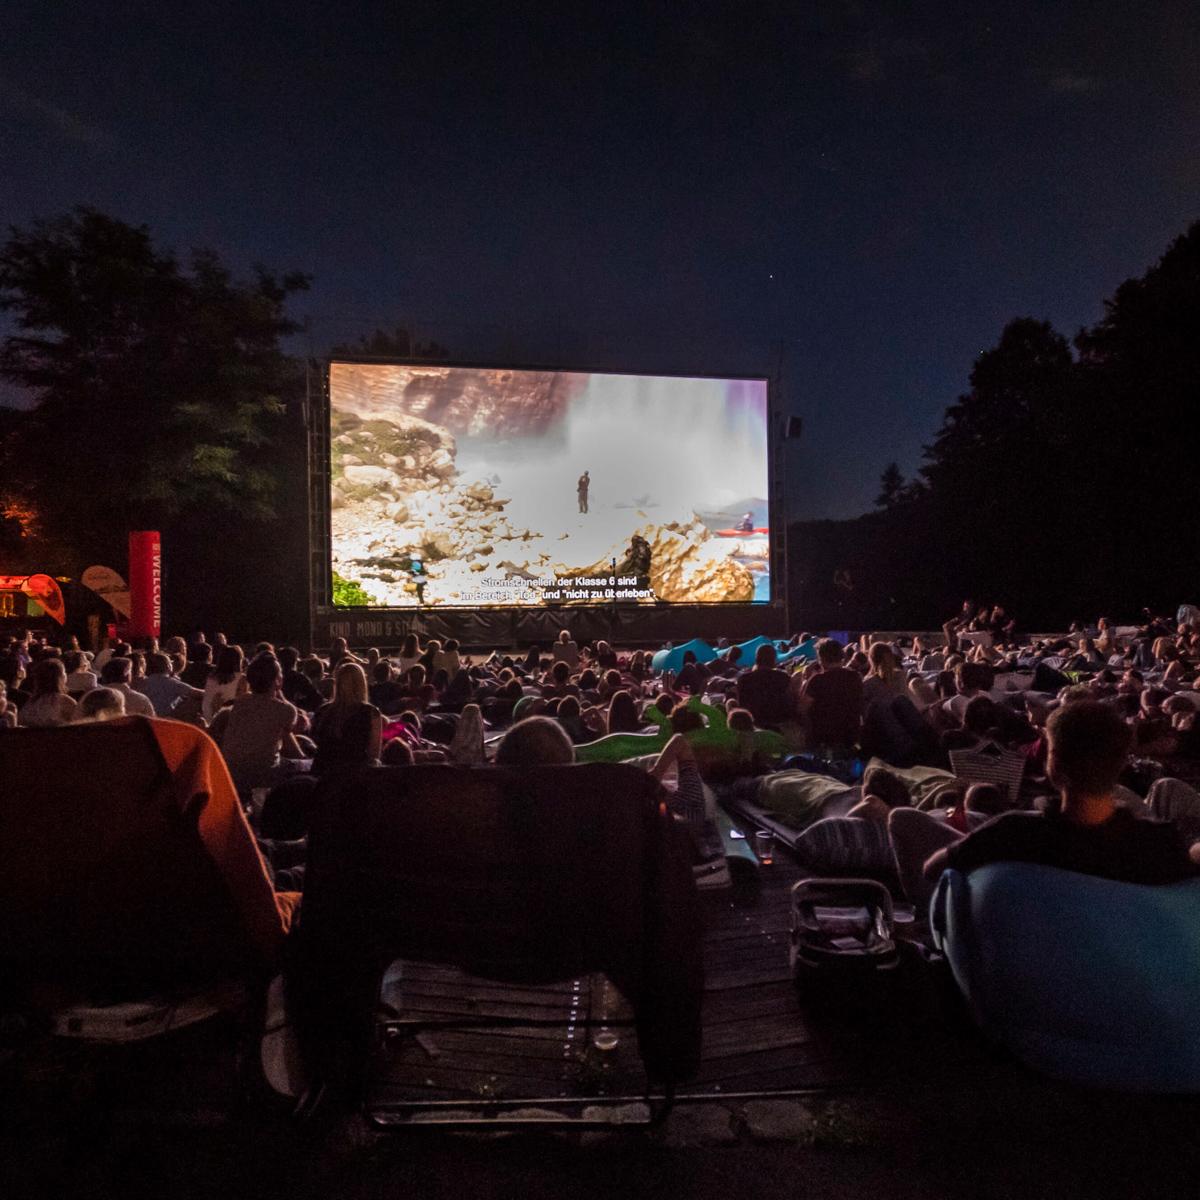 Kino, Mond & Sterne in München-5